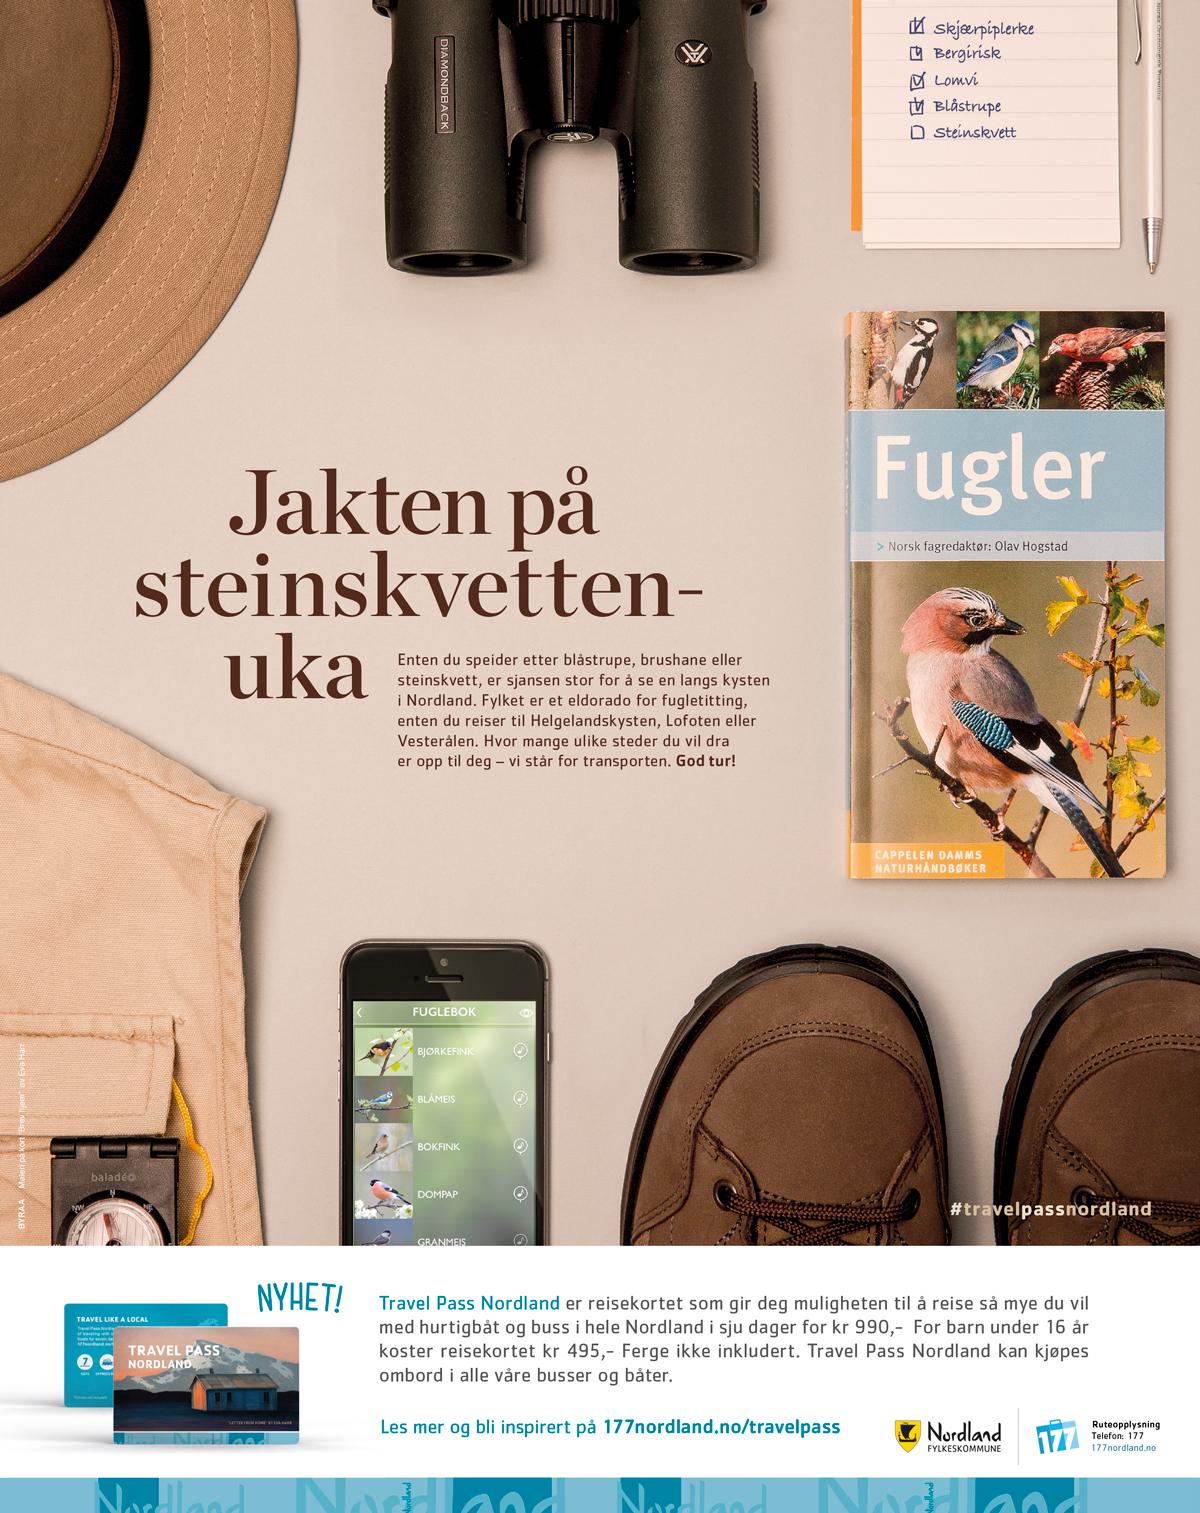 Kampanje for Nordland Fylkeskommune